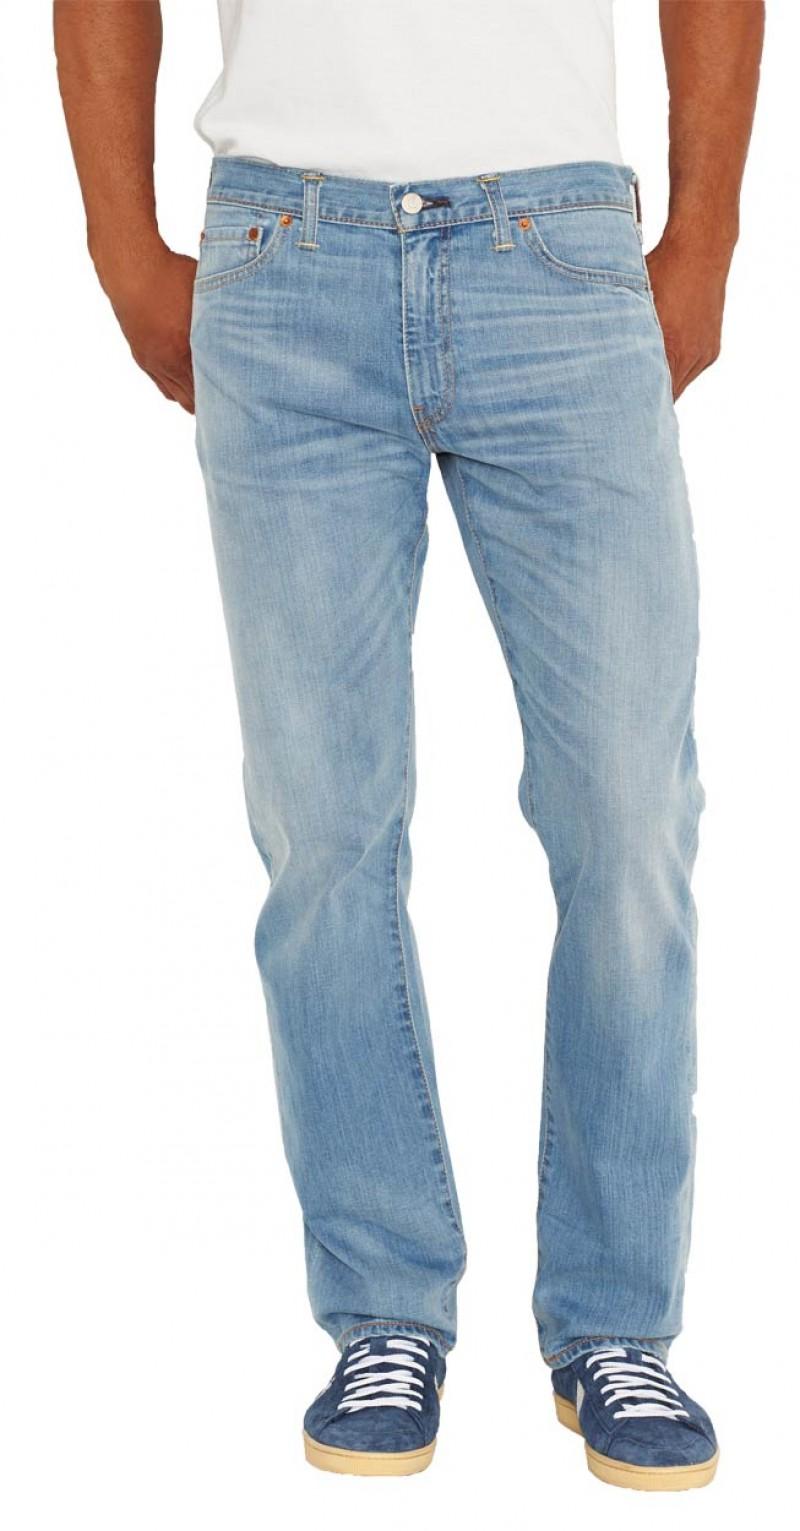 Levis 504 Jeans - Straight Leg - Aber v